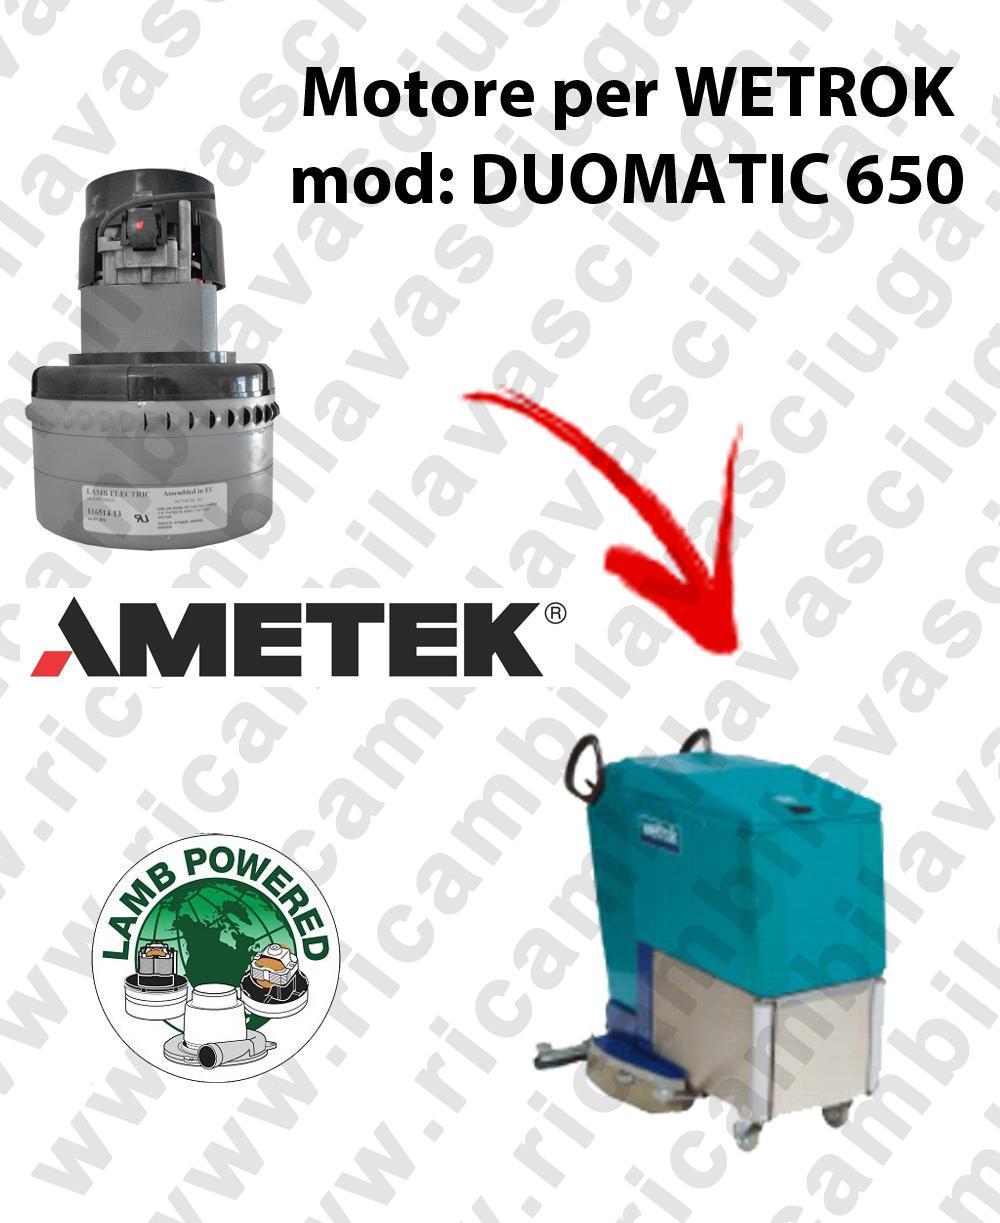 DUOMATIC 650 Motore de aspiración LAMB AMETEK para fregadora WETROK